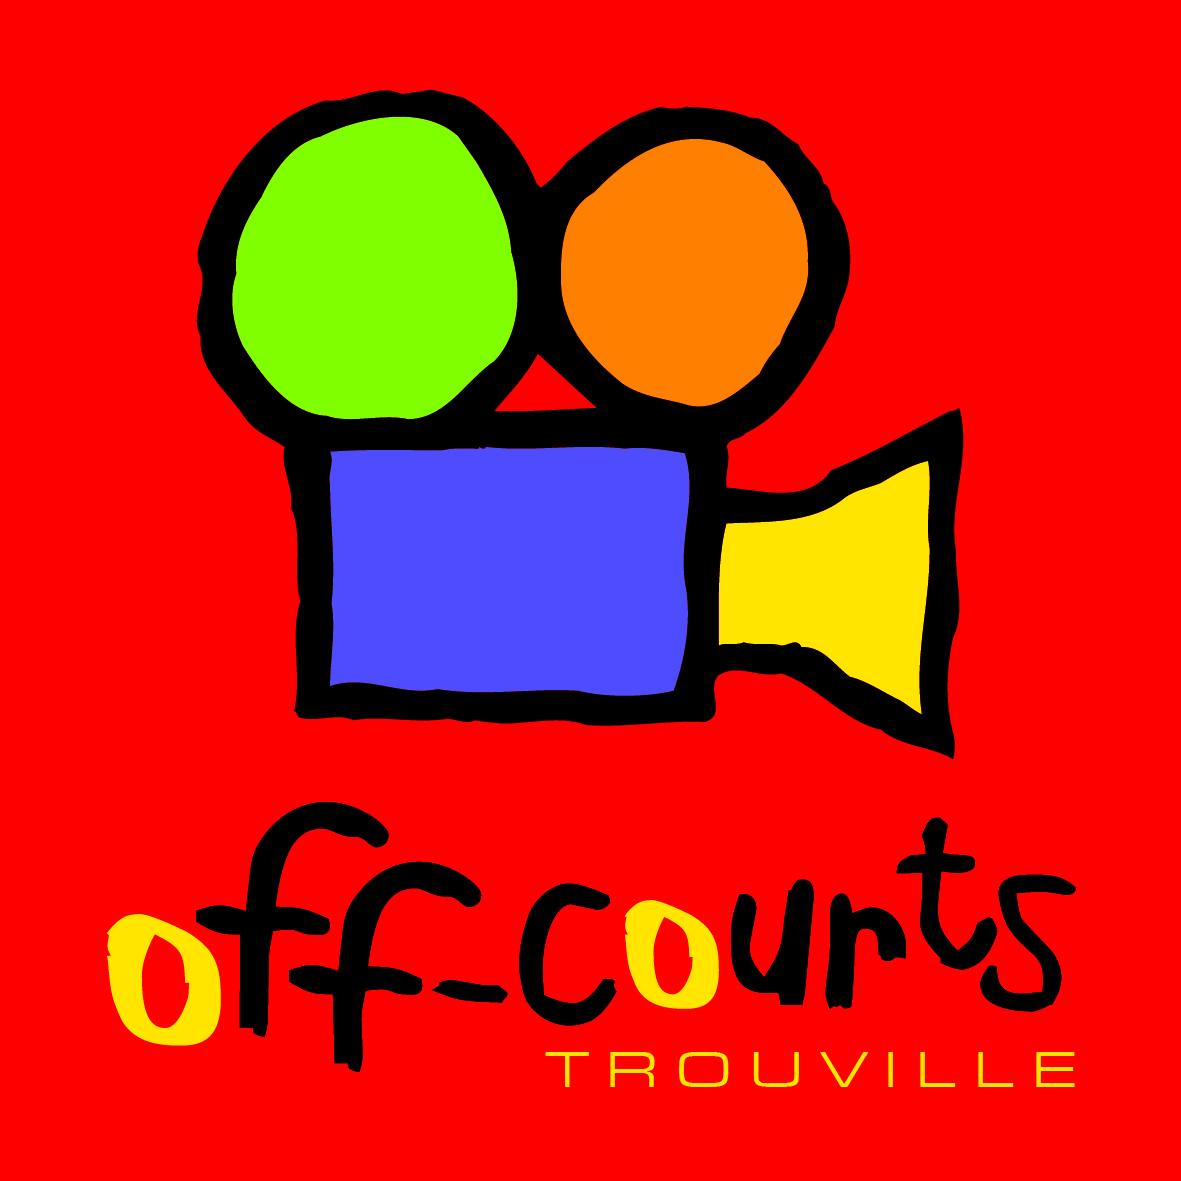 La 15ème édition du Festival Off-Courts Trouville